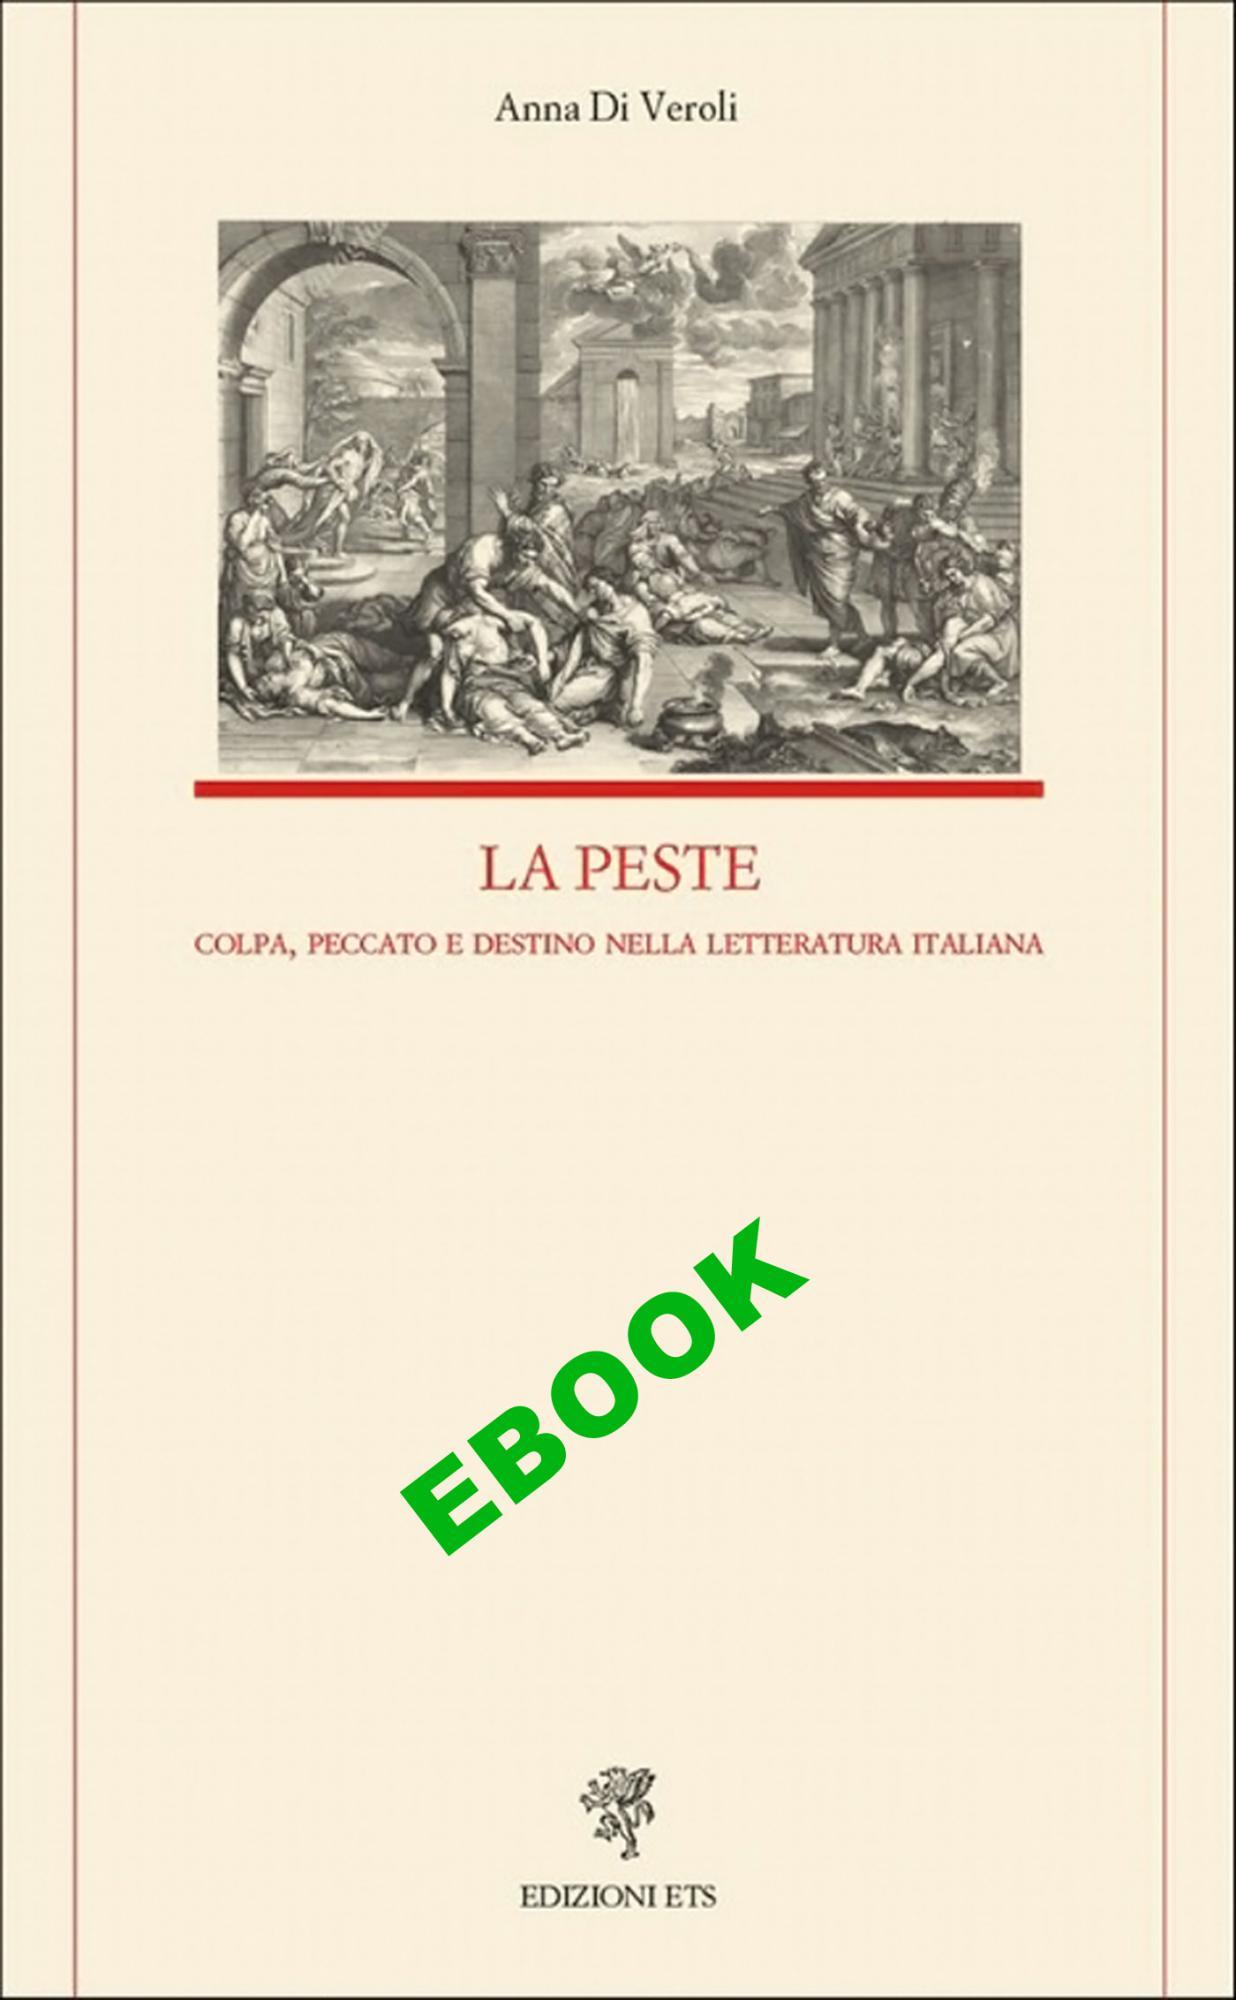 La peste.Colpa, peccato e destino nella letteratura italiana